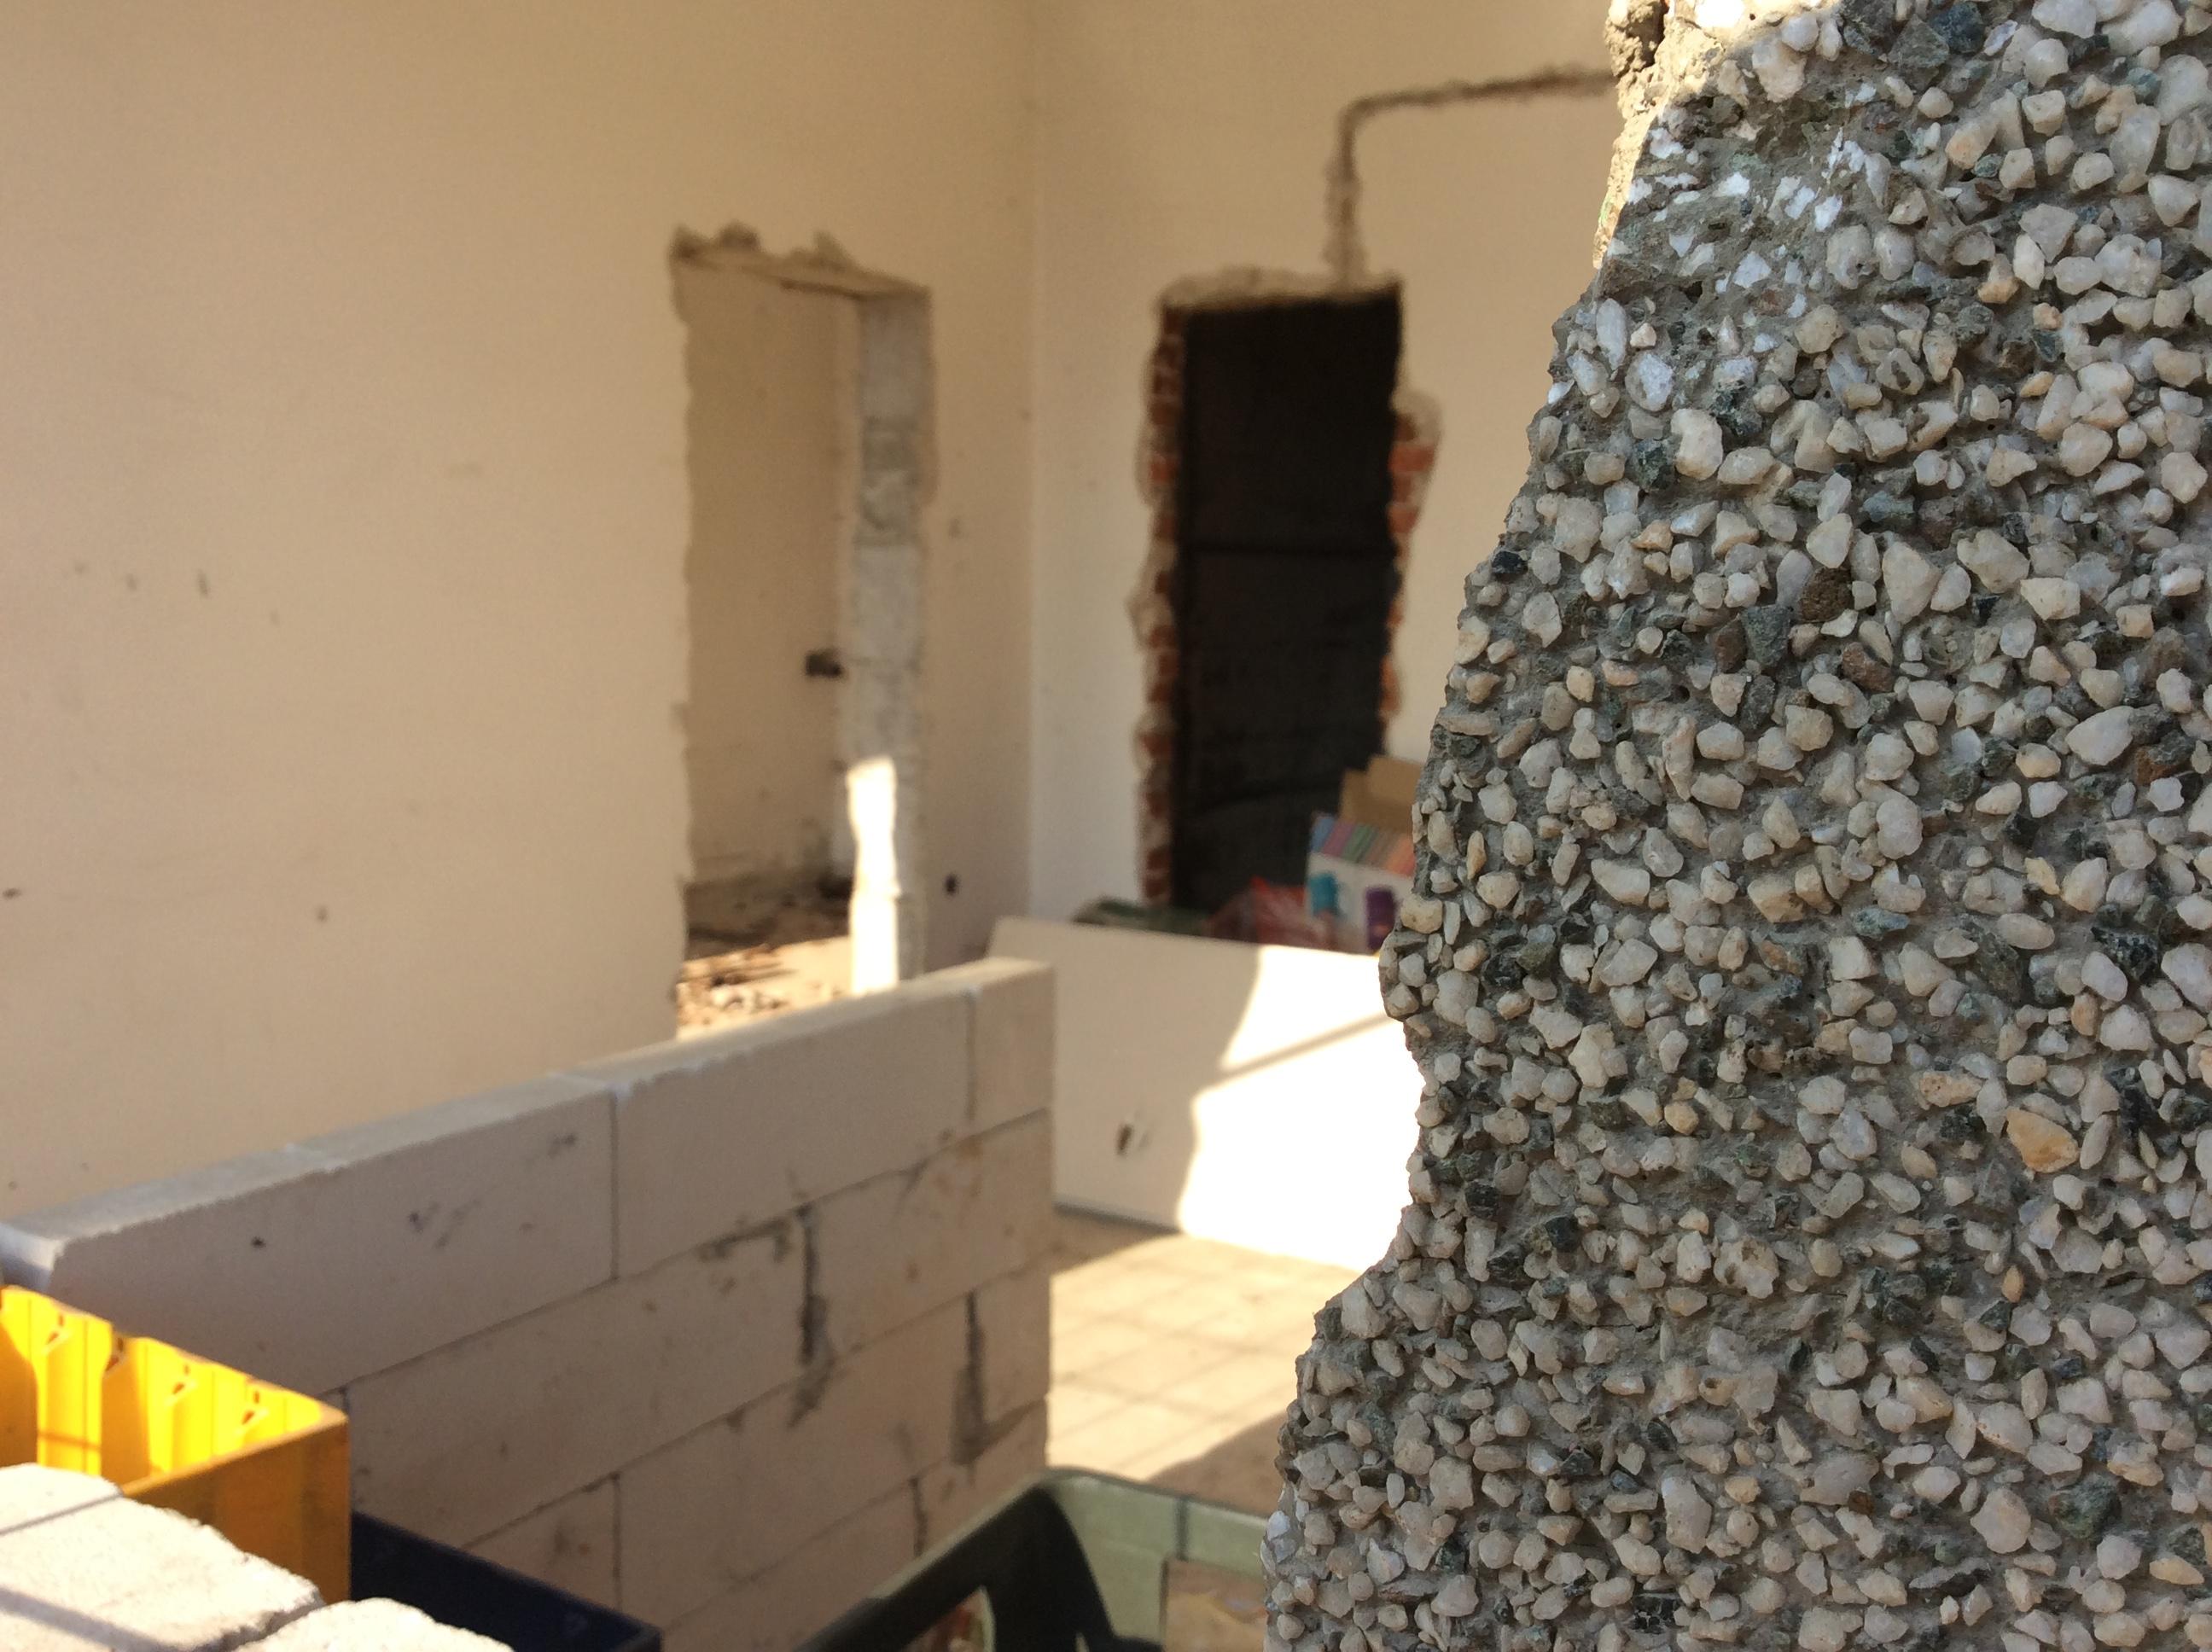 Trenutno dve ruinirane prizemne prostorije trebalo bi da se opreme po standardnima za stanovanje uz podršku Foto--URP